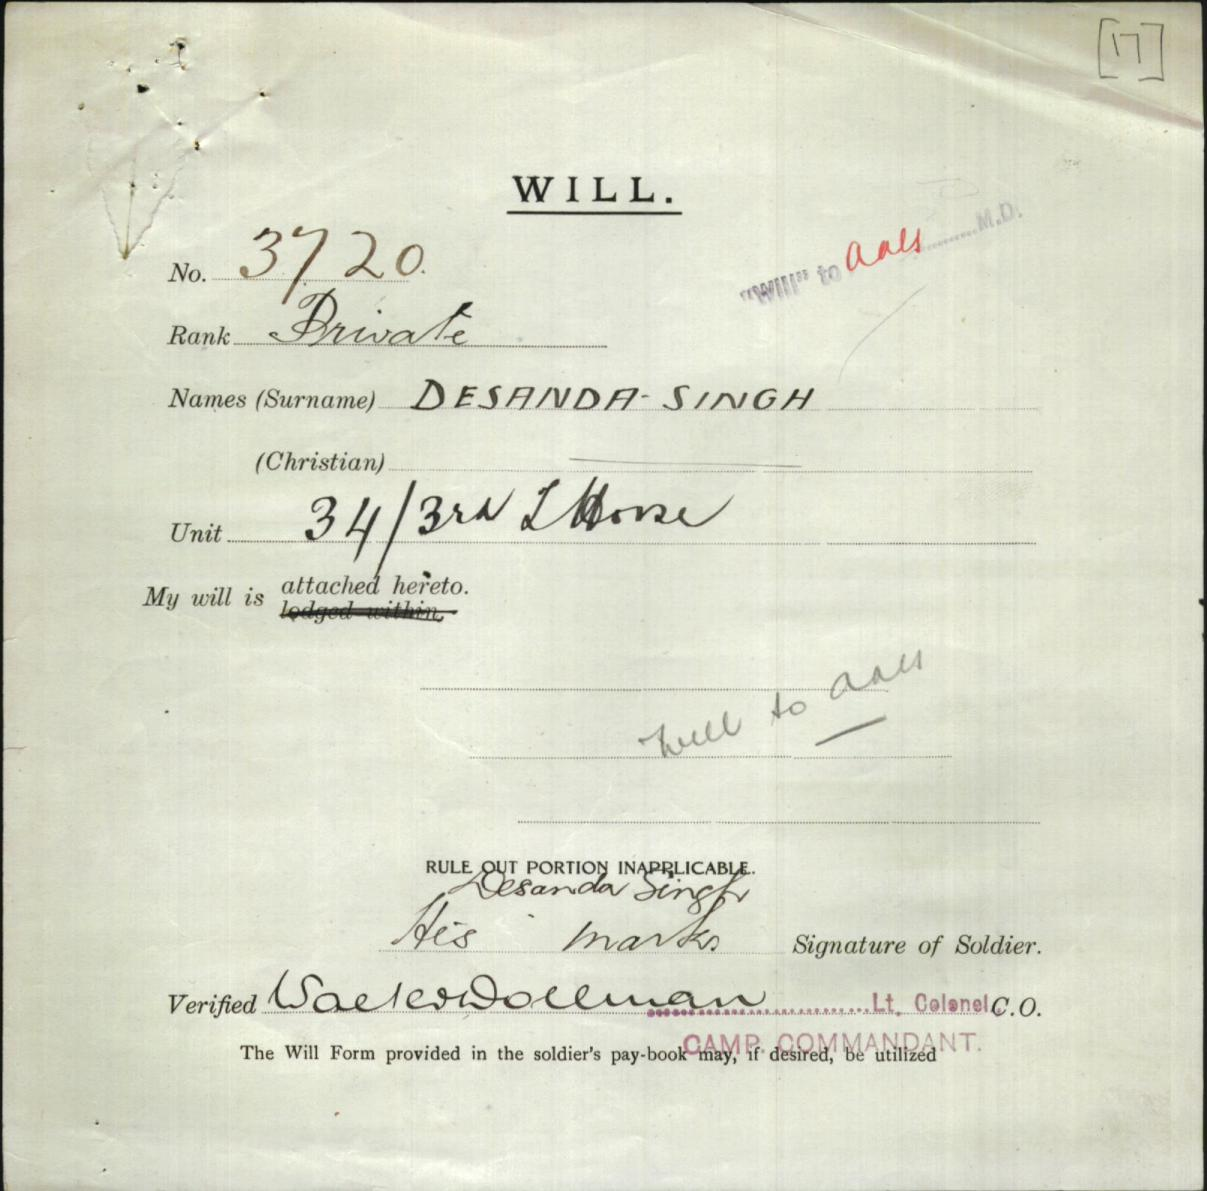 Desanda Singh - Enlistment form for WW1